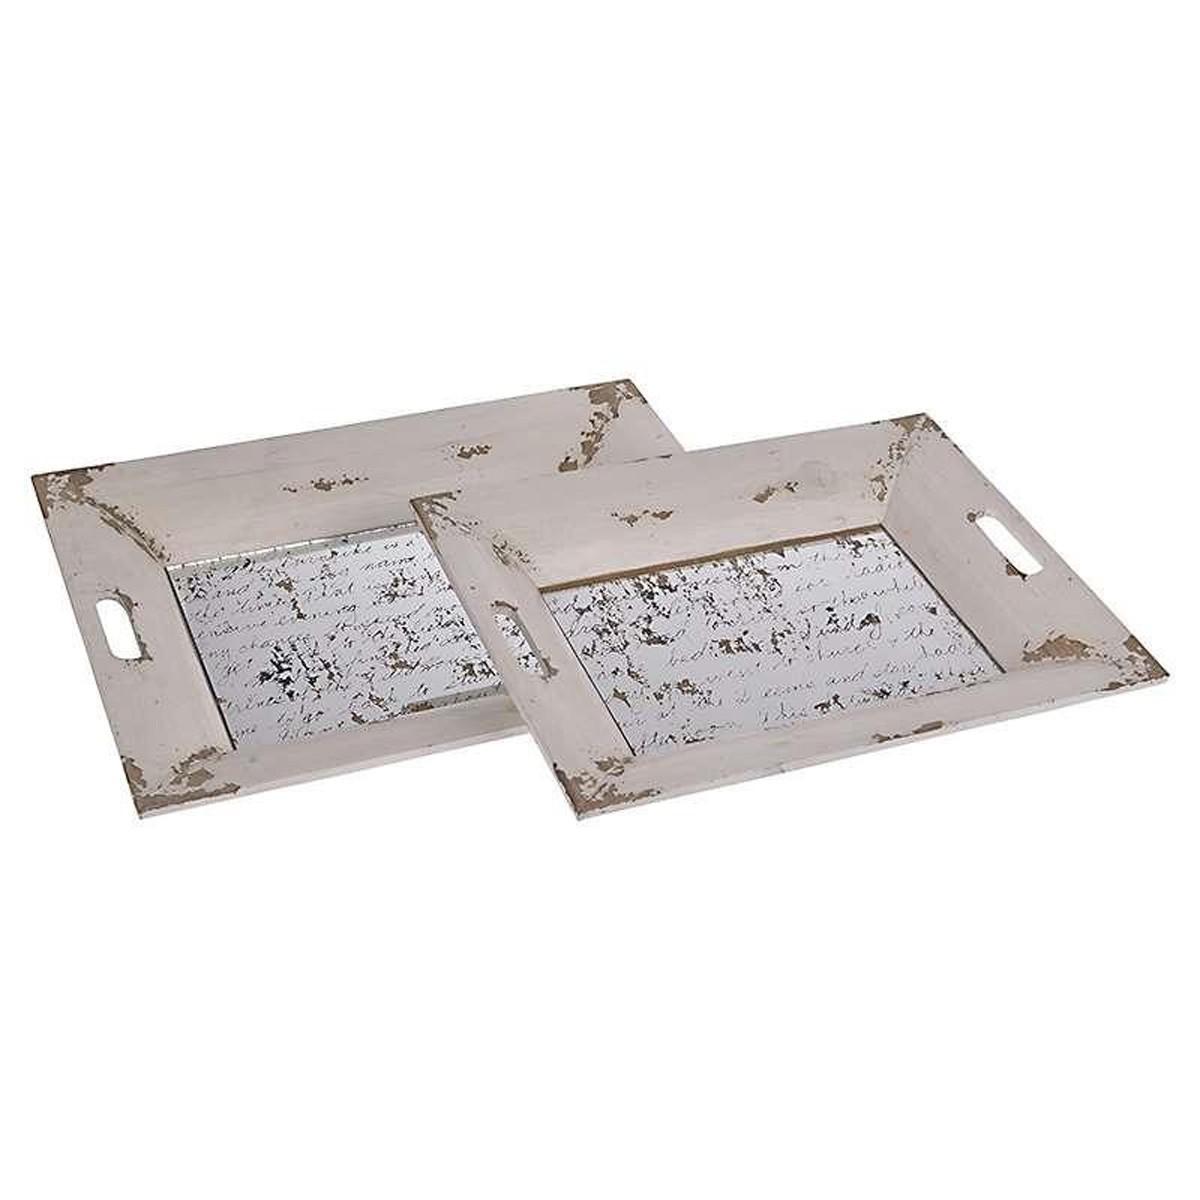 Δίσκοι Σερβιρίσματος (Σετ 2τμχ) InArt Scribbles 3-70-531-0015